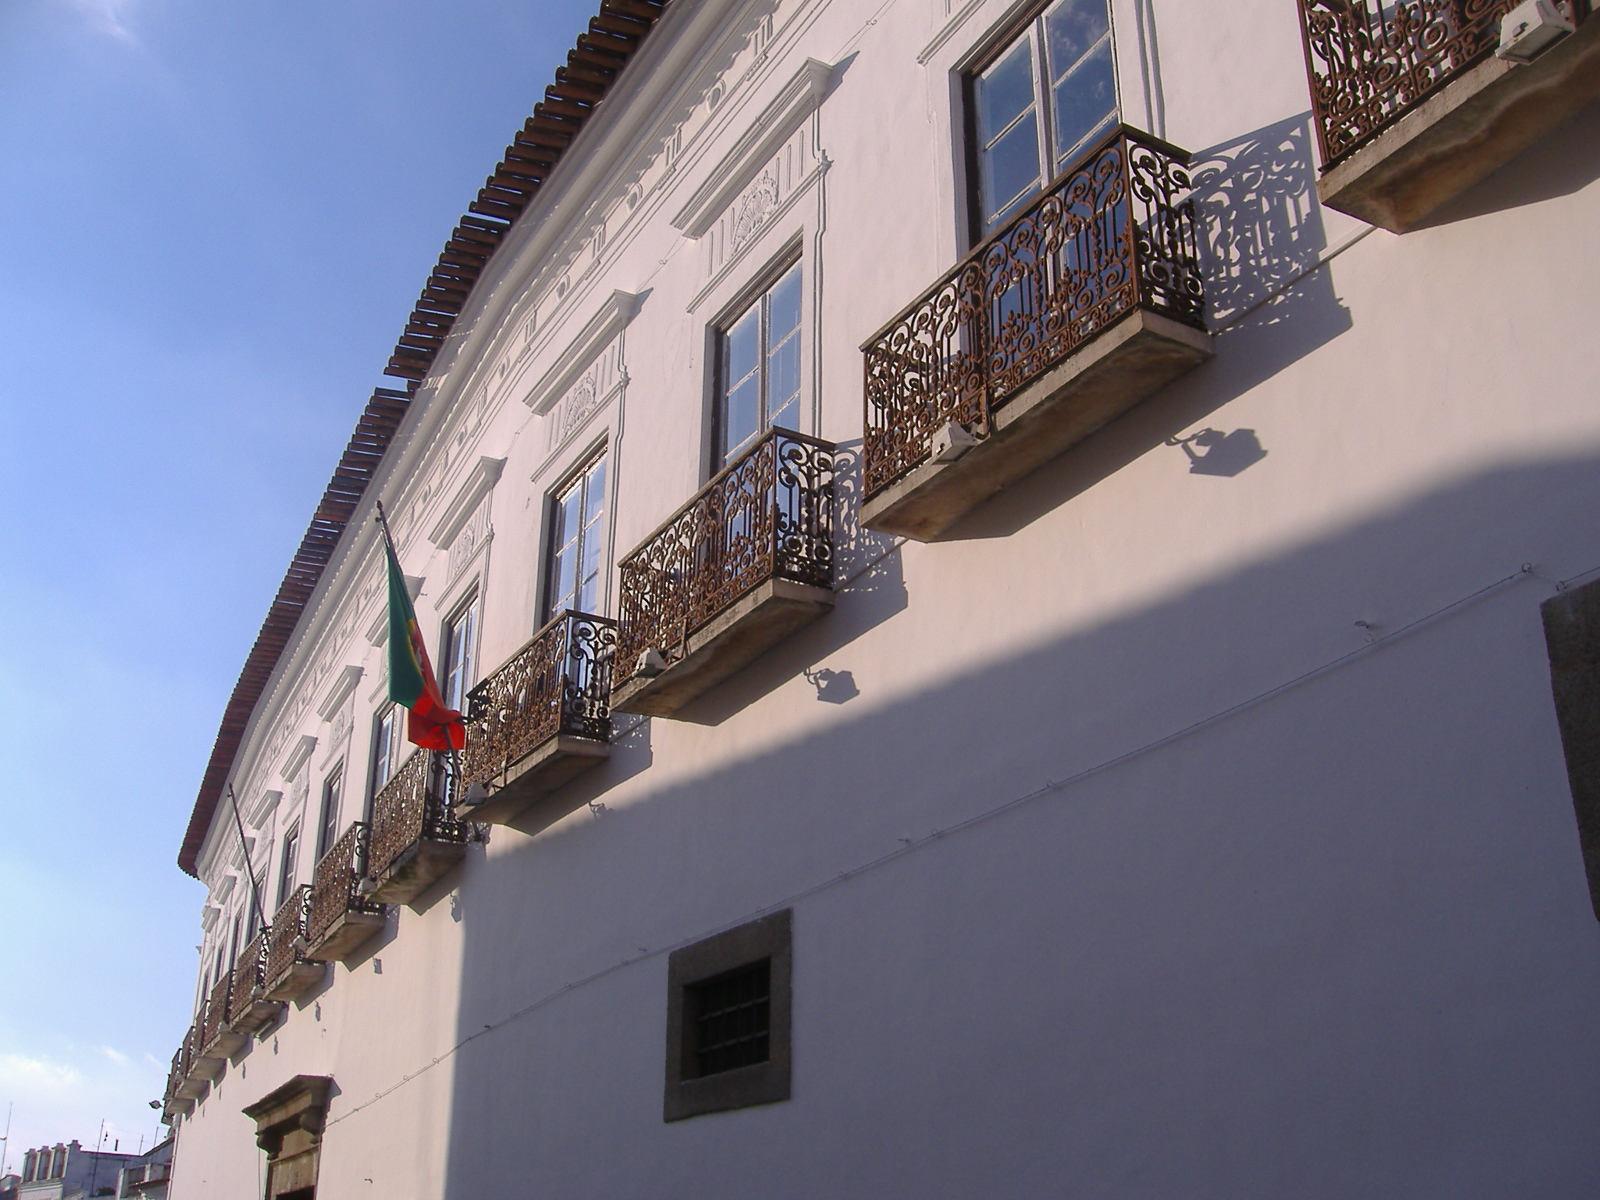 151920fc1a1 O Museu do Relógio de Serpa inaugurou ano passado uma extensão em Évora.  São cerca de 400 relógios que passam a estar expostos no Palácio Barrocal